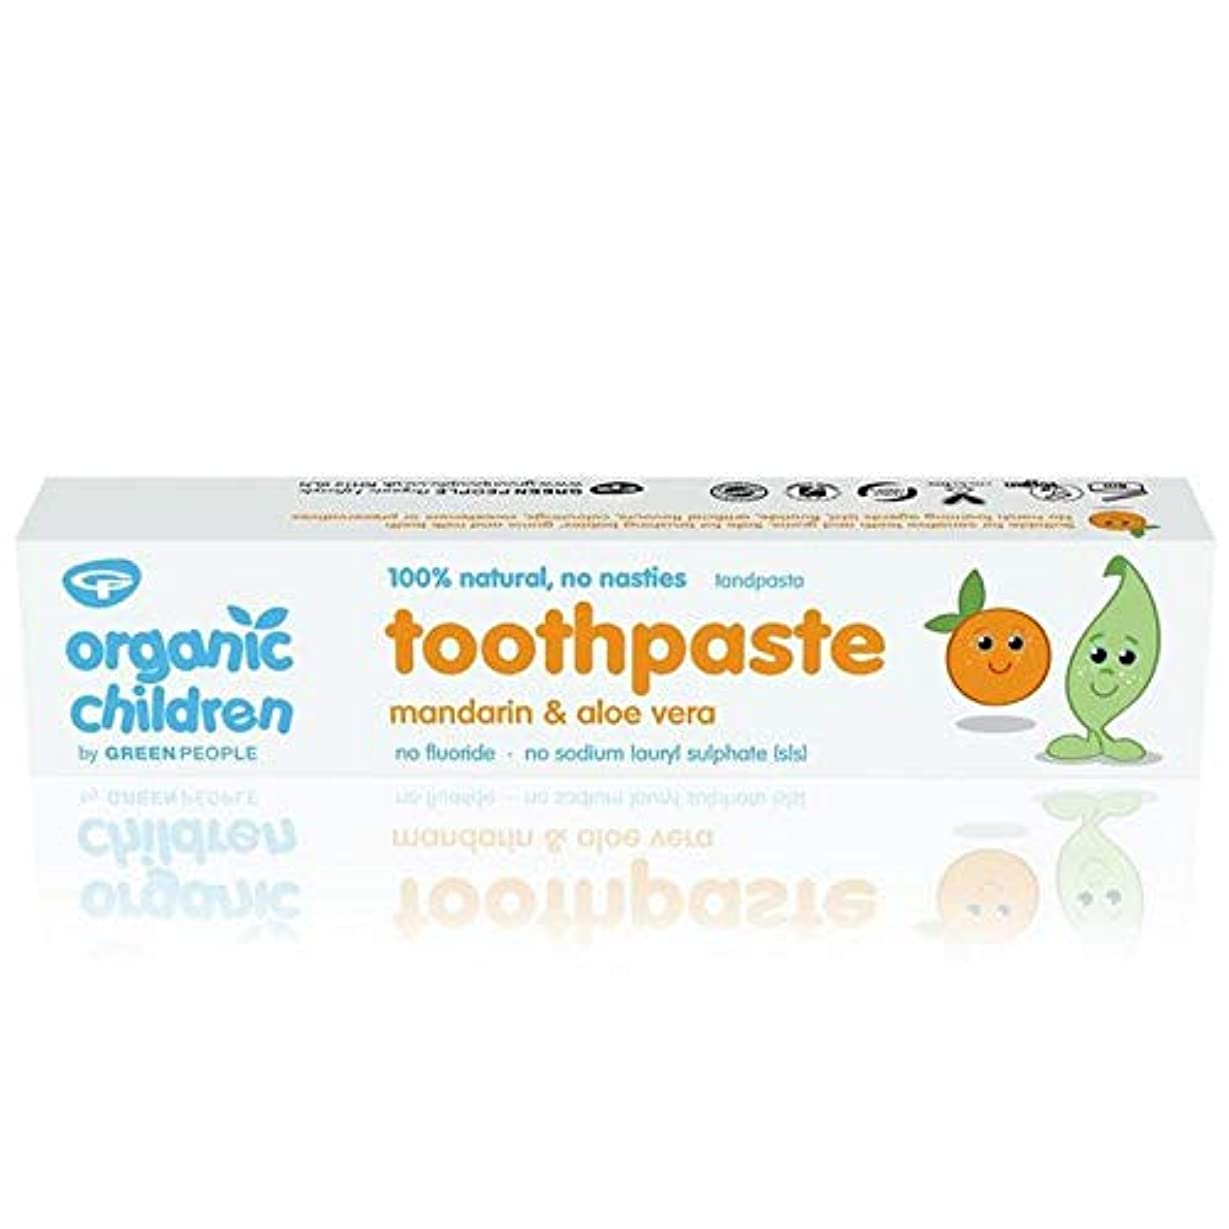 傾斜擬人緊張する[Organic Children ] 有機子供の歯磨き粉、マンダリン50ミリリットル - Organic Children Toothpaste, Mandarin 50ml [並行輸入品]